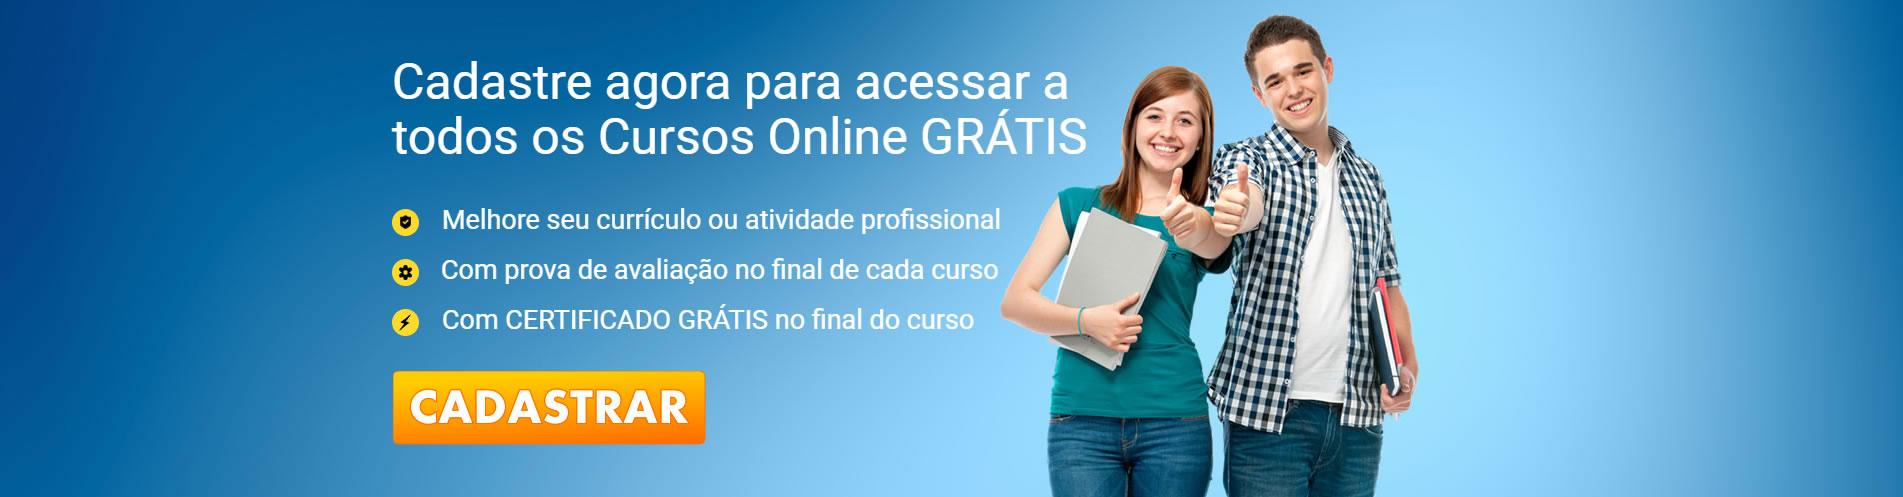 Cursos Online Gratuitos Com Certificado Grátis Para Imprimir Gyn